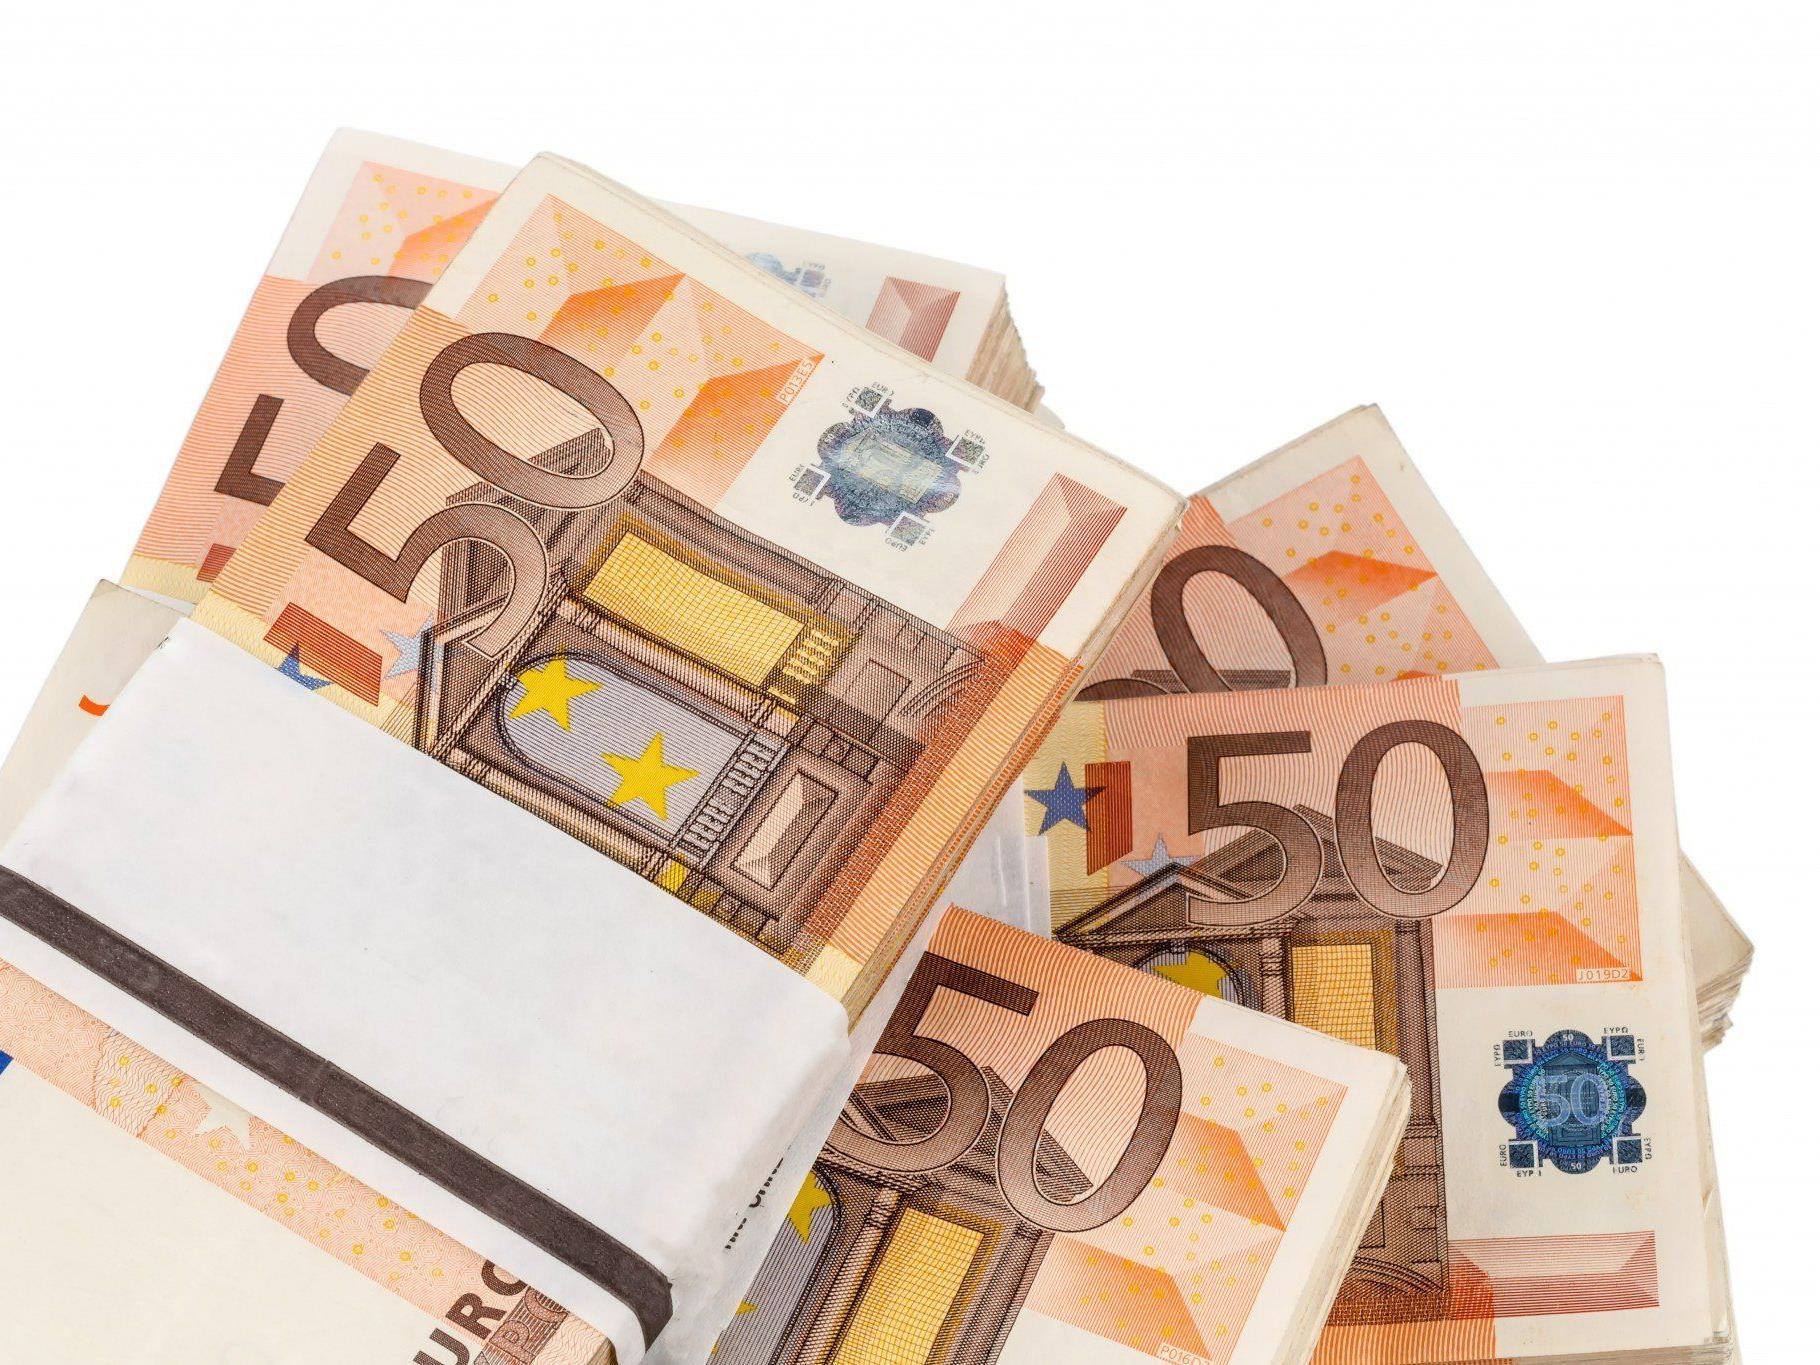 Für eine 50-Euro-Böüte setzte es 1120 Euro Strafe.